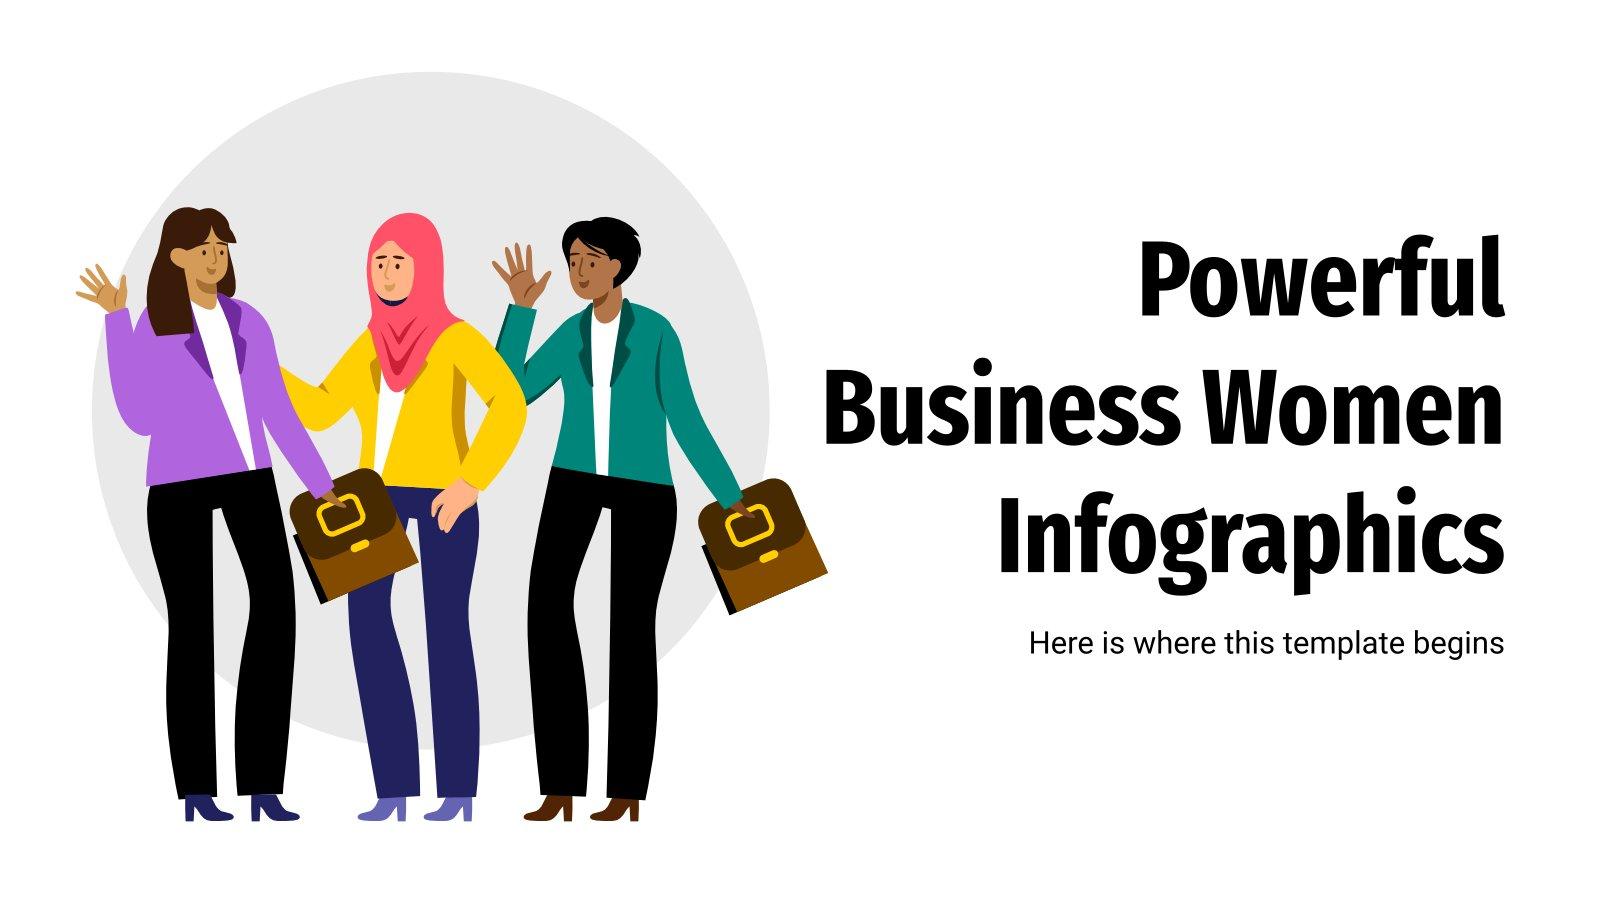 Modelo de apresentação Infográficos de mulheres de negócio poderosas